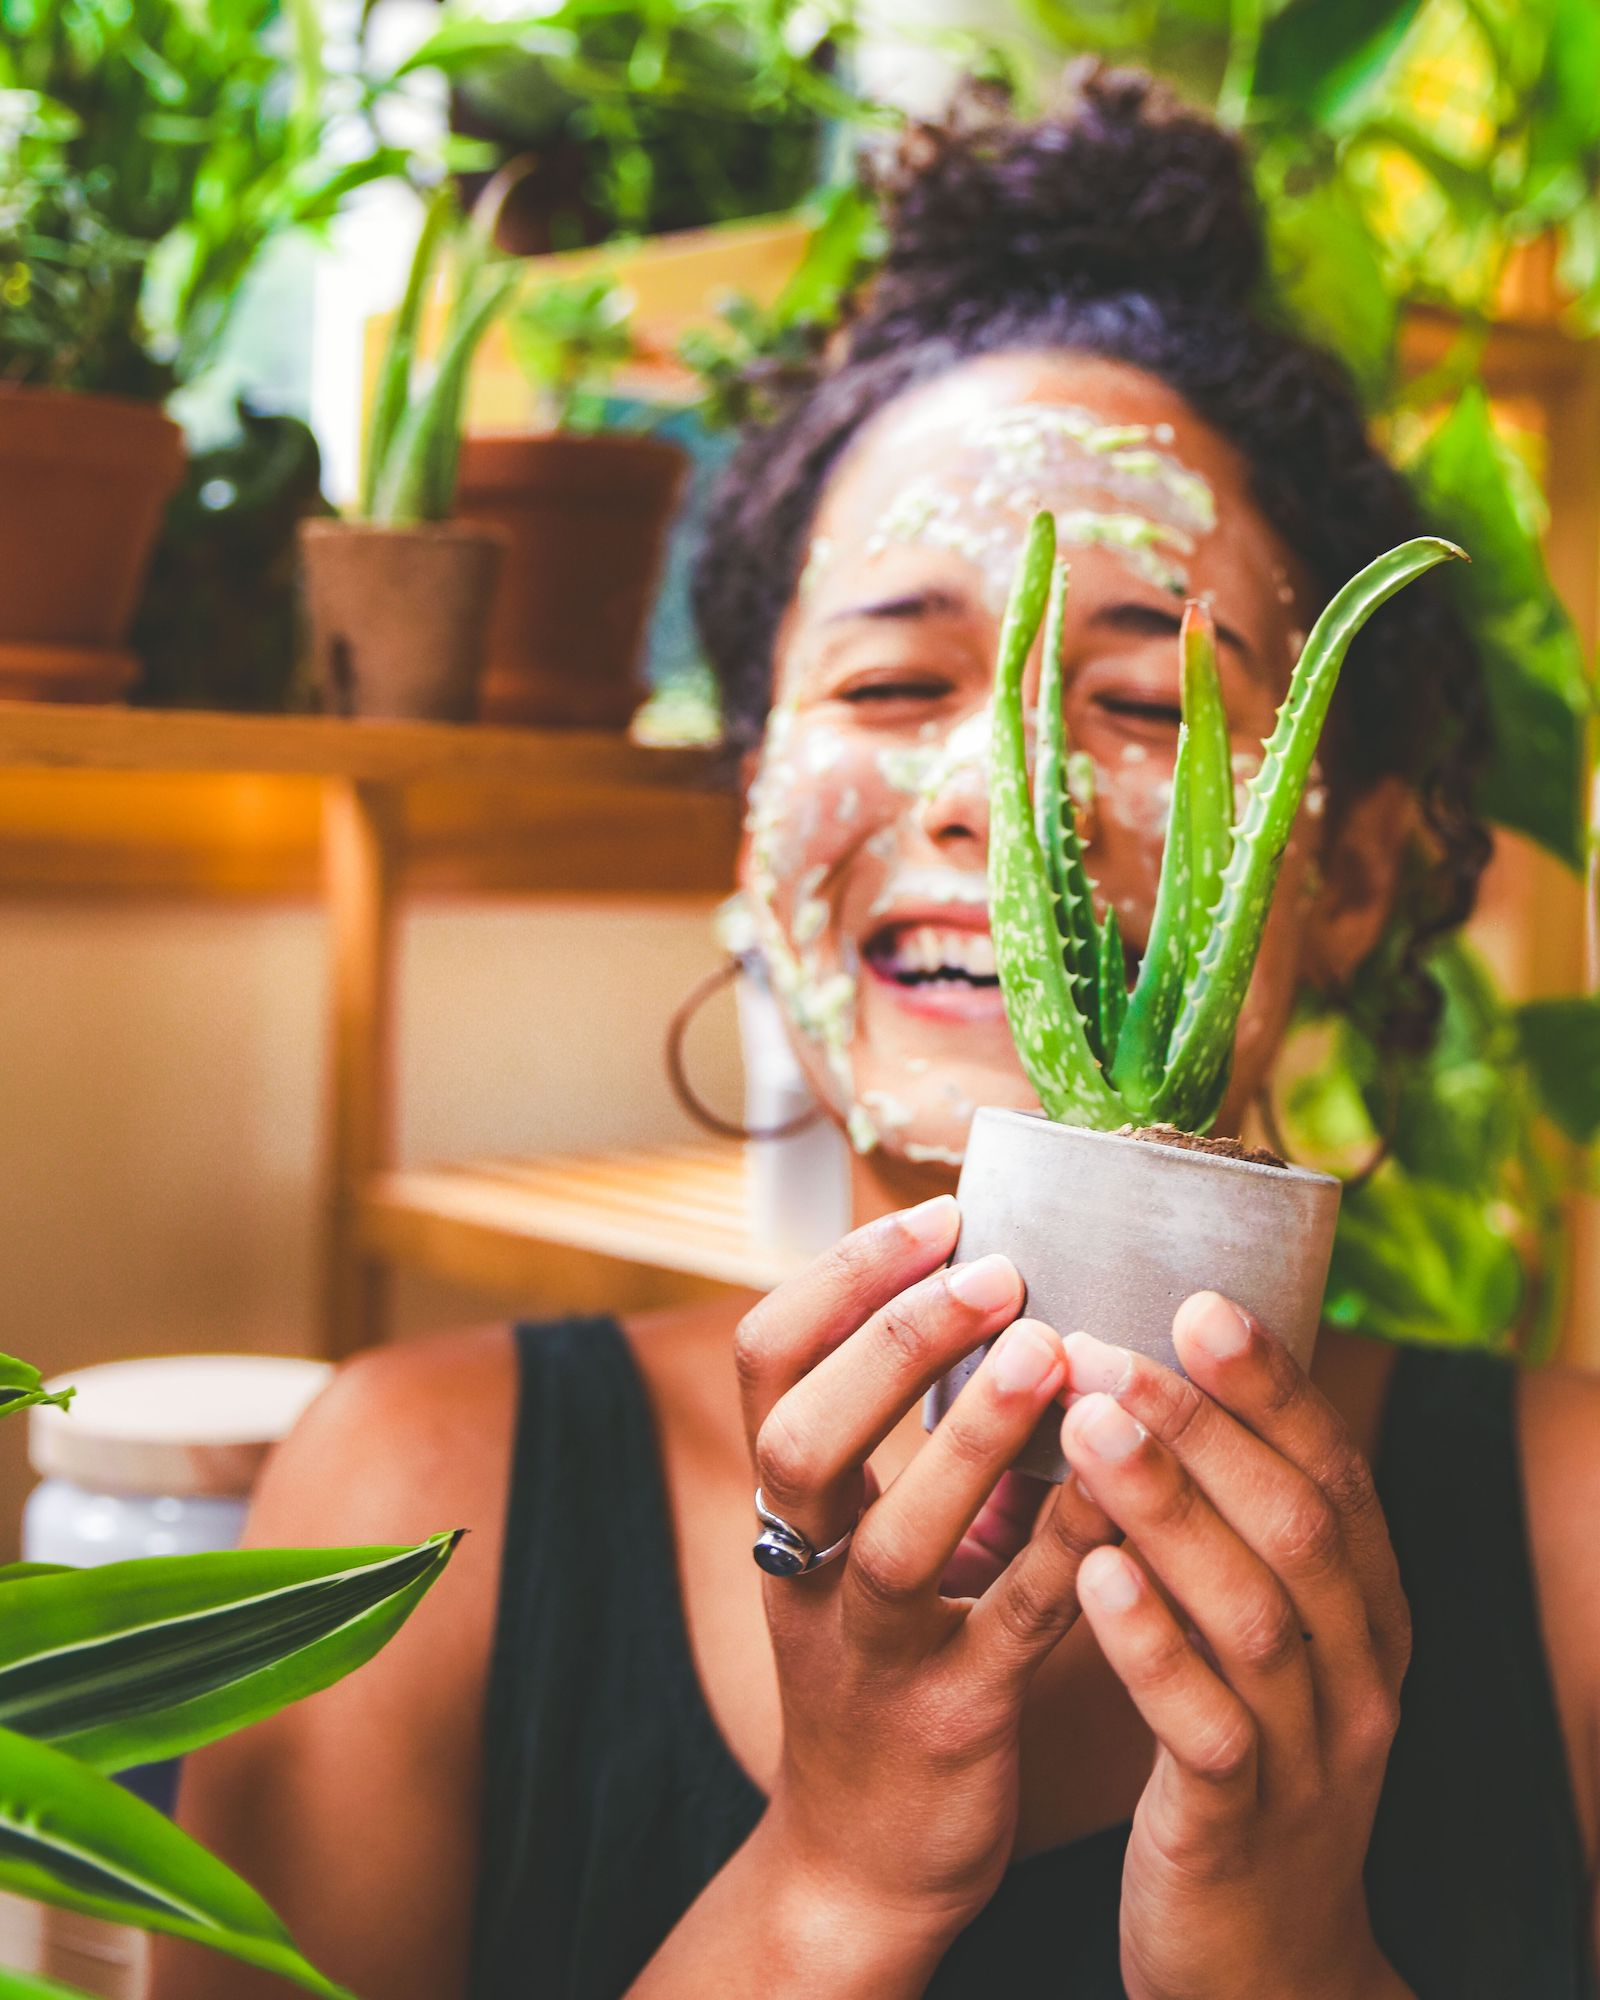 3 At-Home Aloe Beauty Treatments